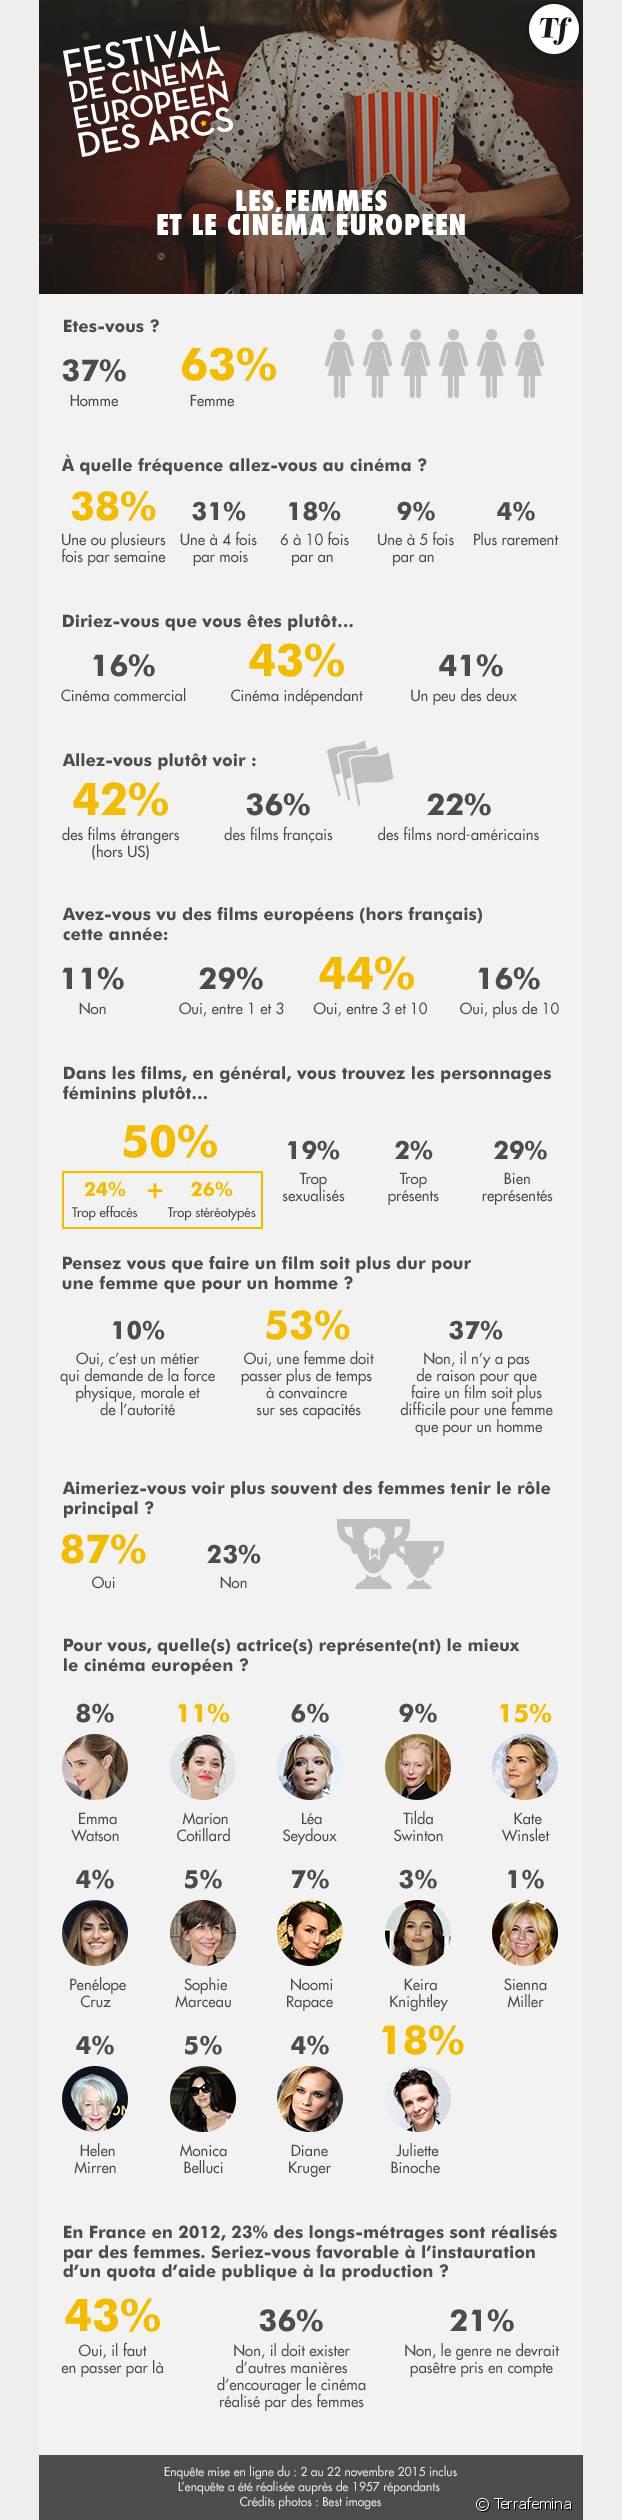 La place des femmes dans le cinéma européen en 2015 : l'enquête Terrafemina